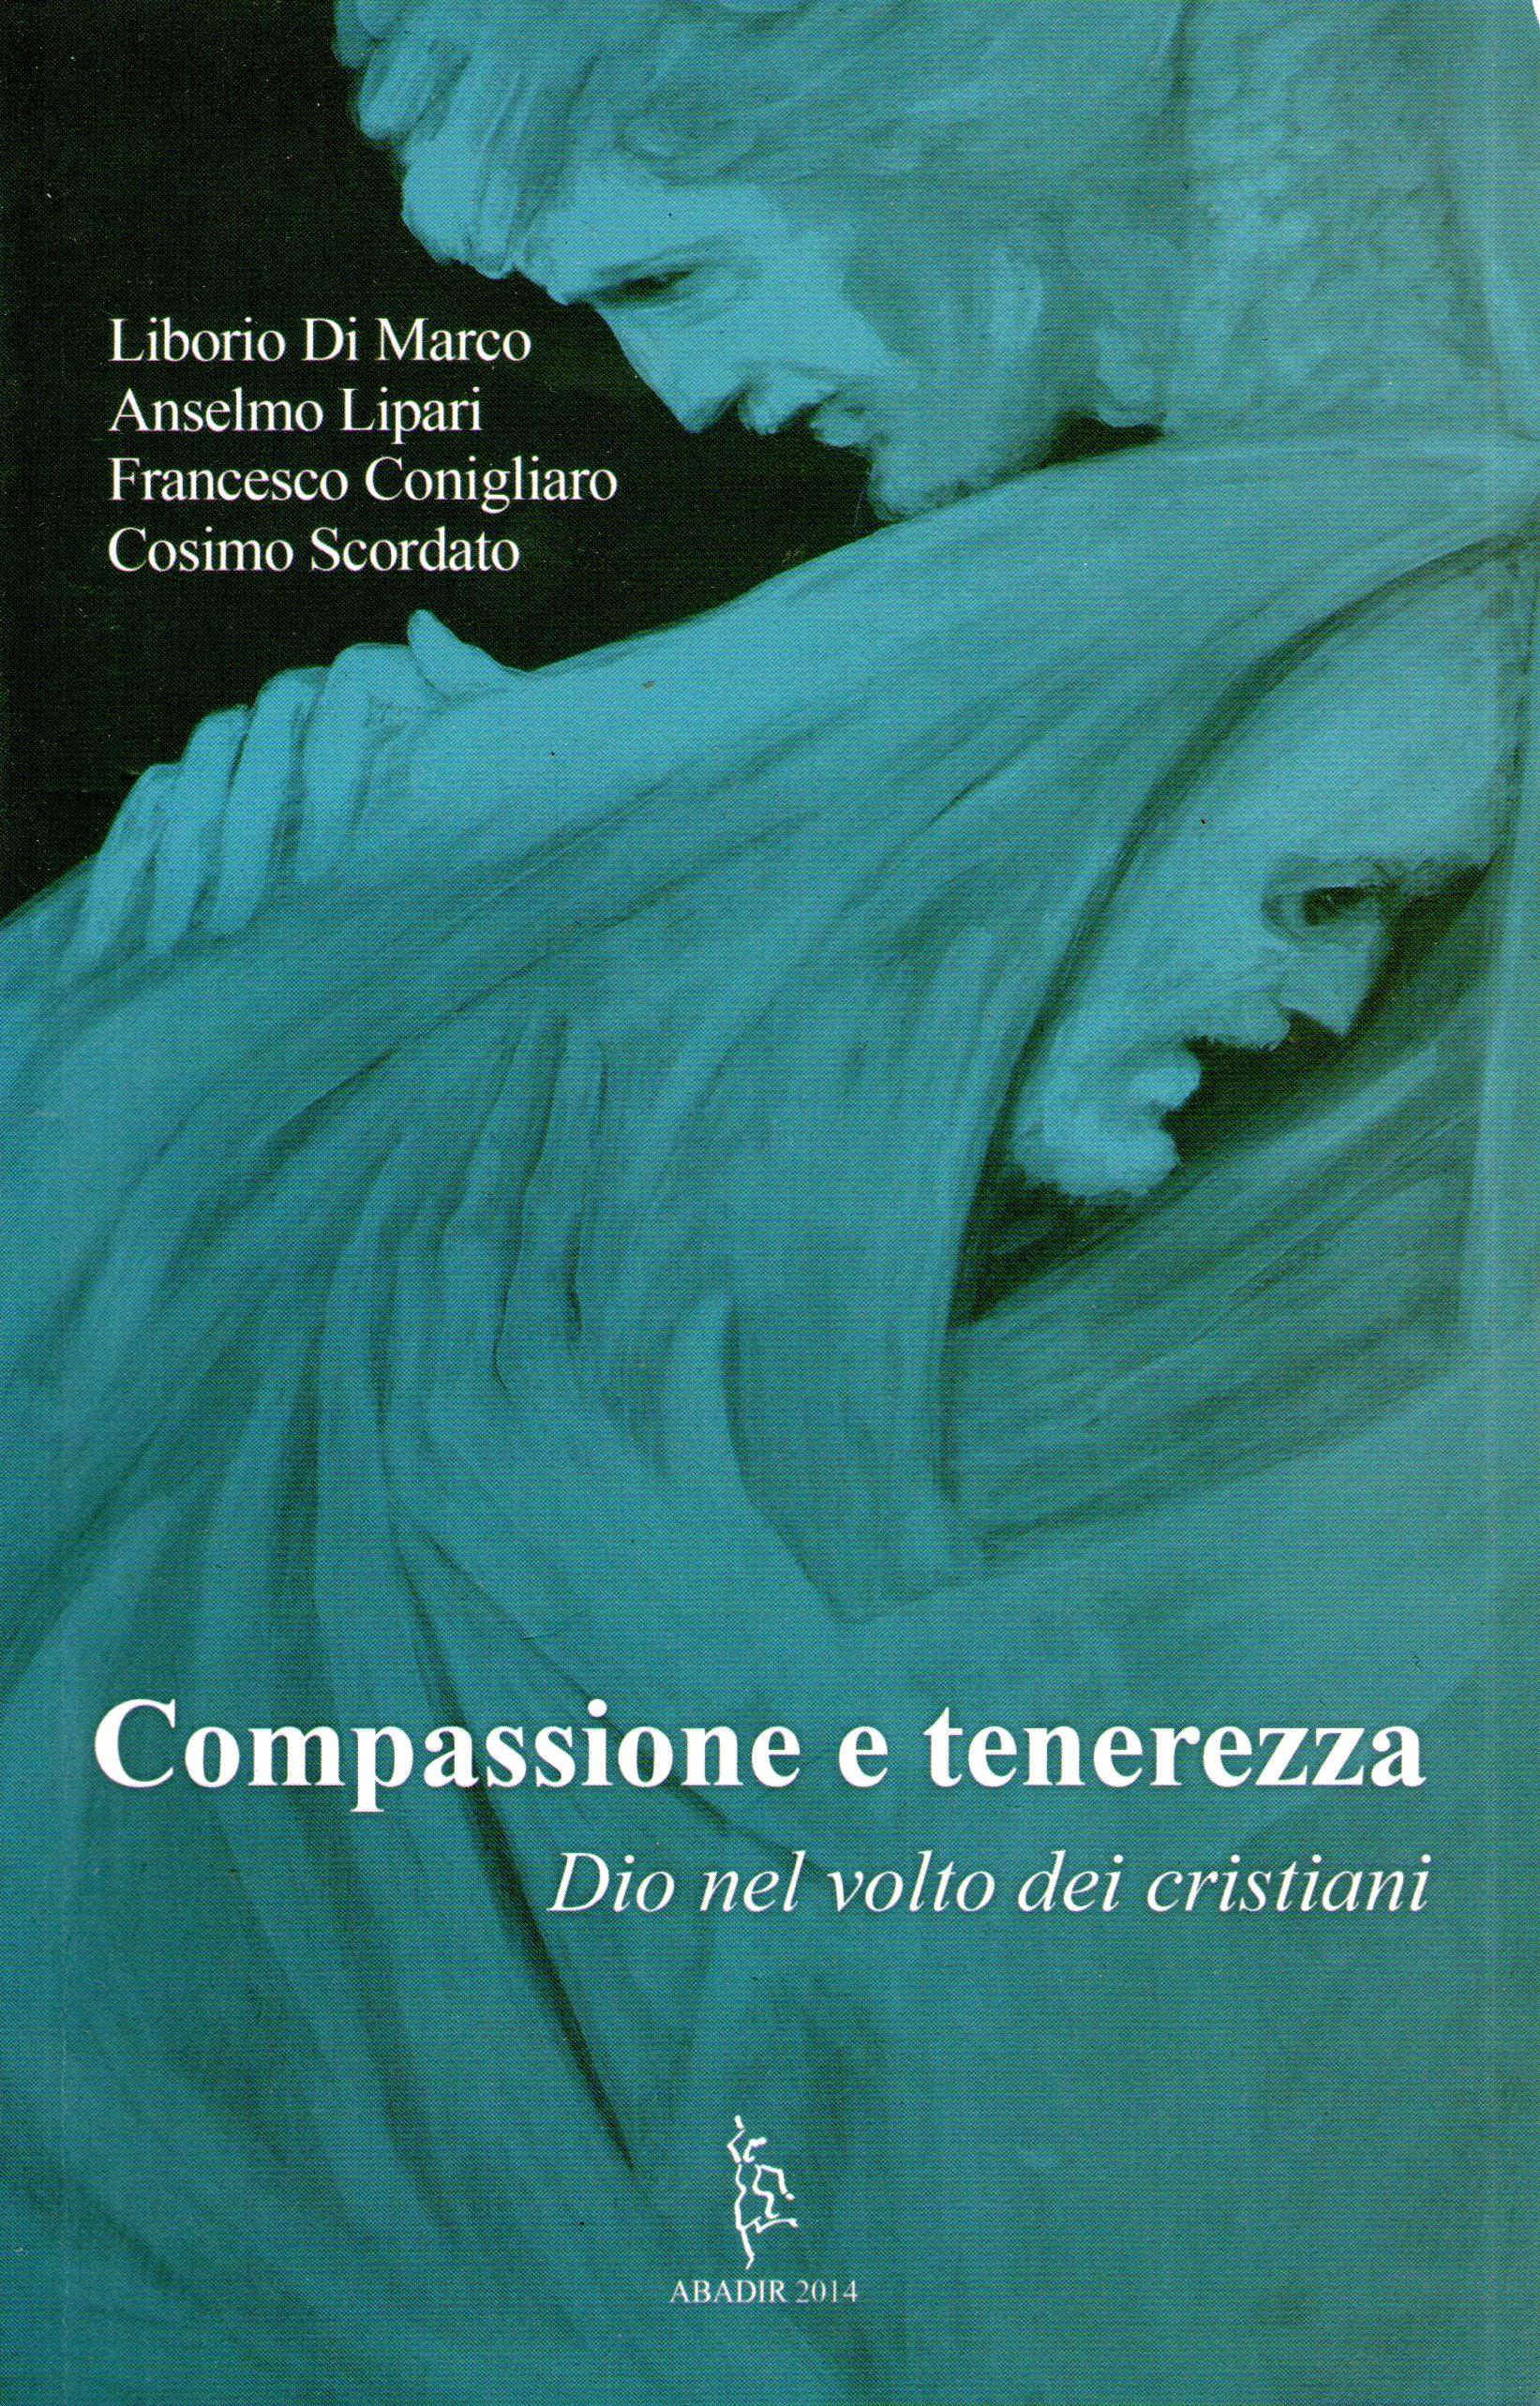 Compassione e tenerezza